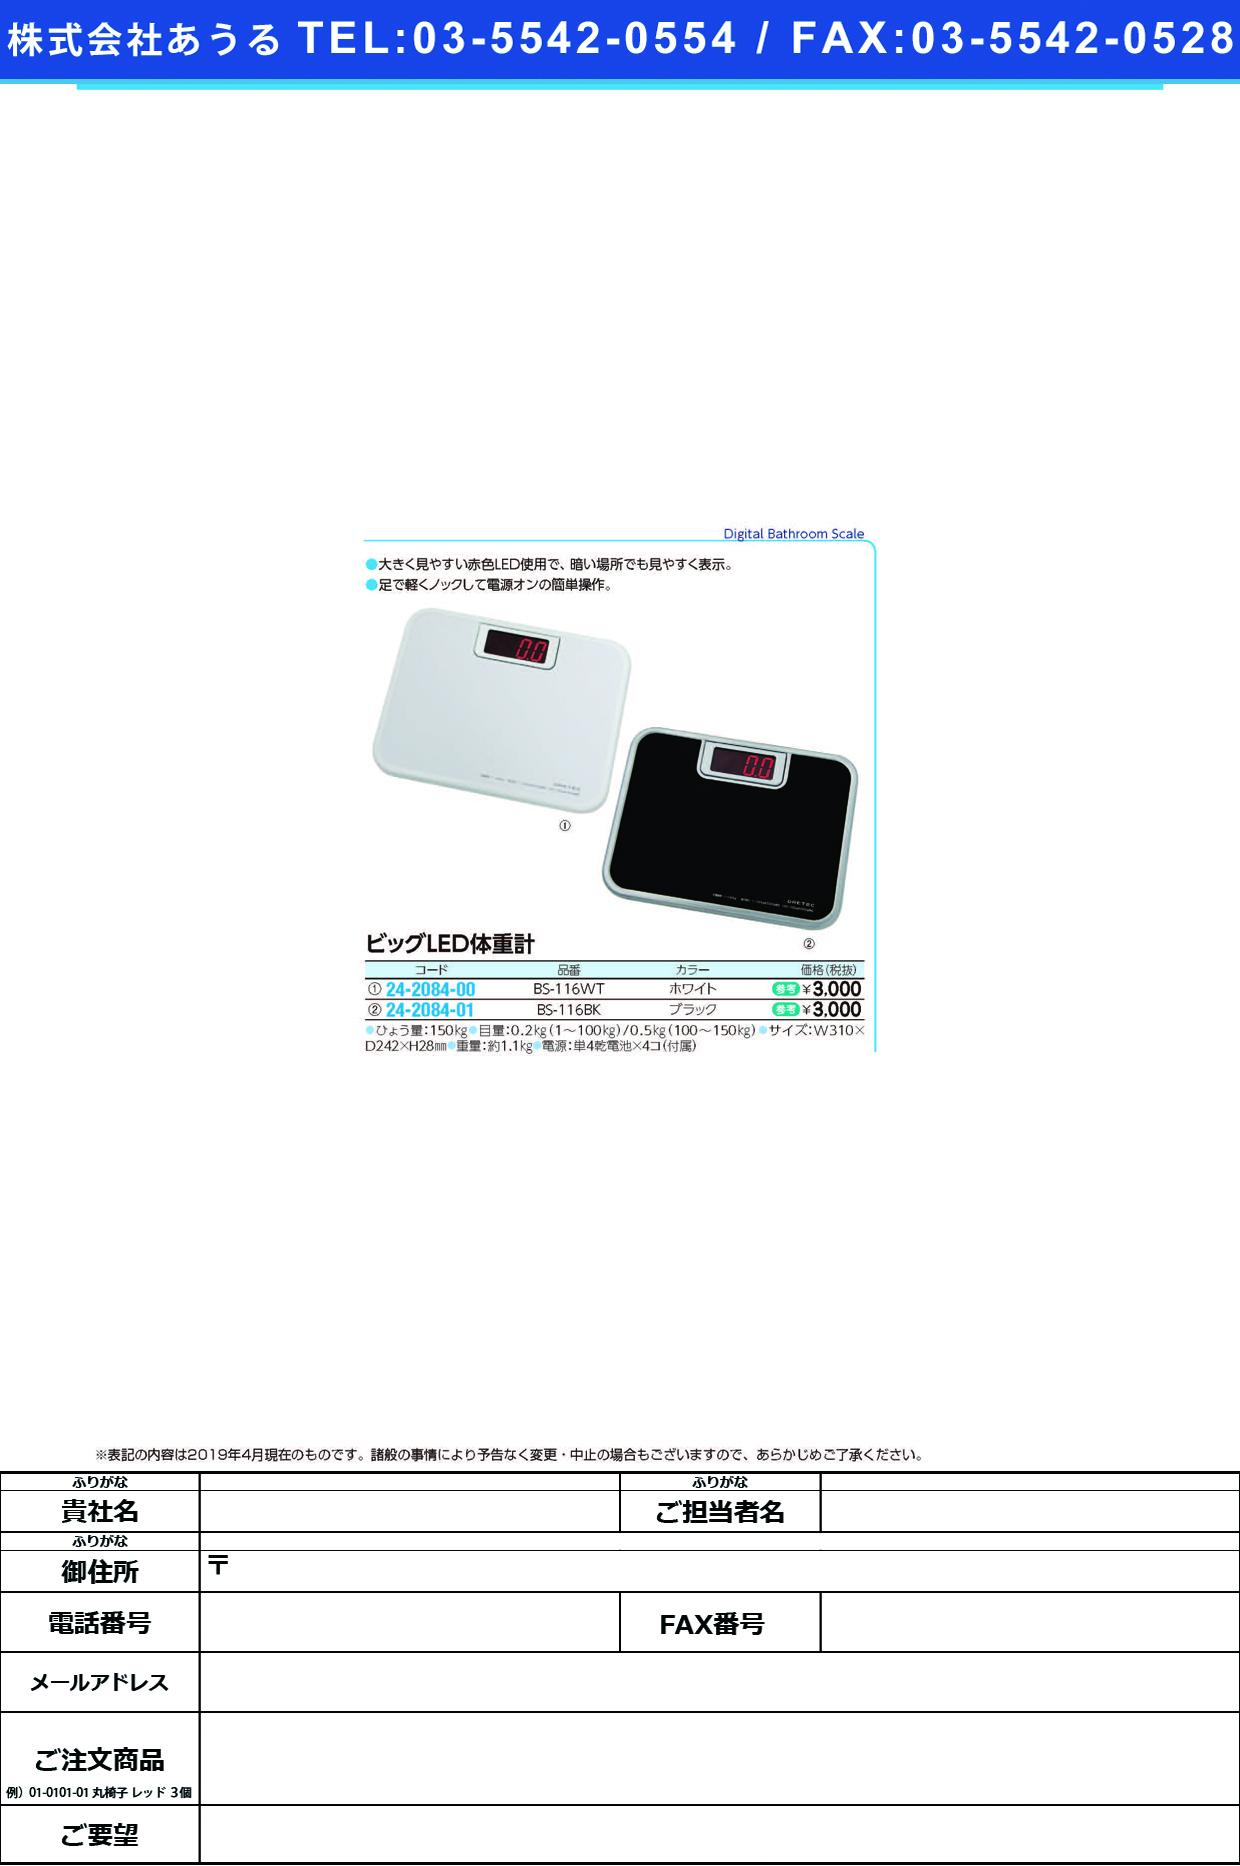 (24-2084-01)ビッグLED体重計 BS-116BK(ブラック) ビッグLEDタイジュウケイ(ドリテック)【1台単位】【2019年カタログ商品】